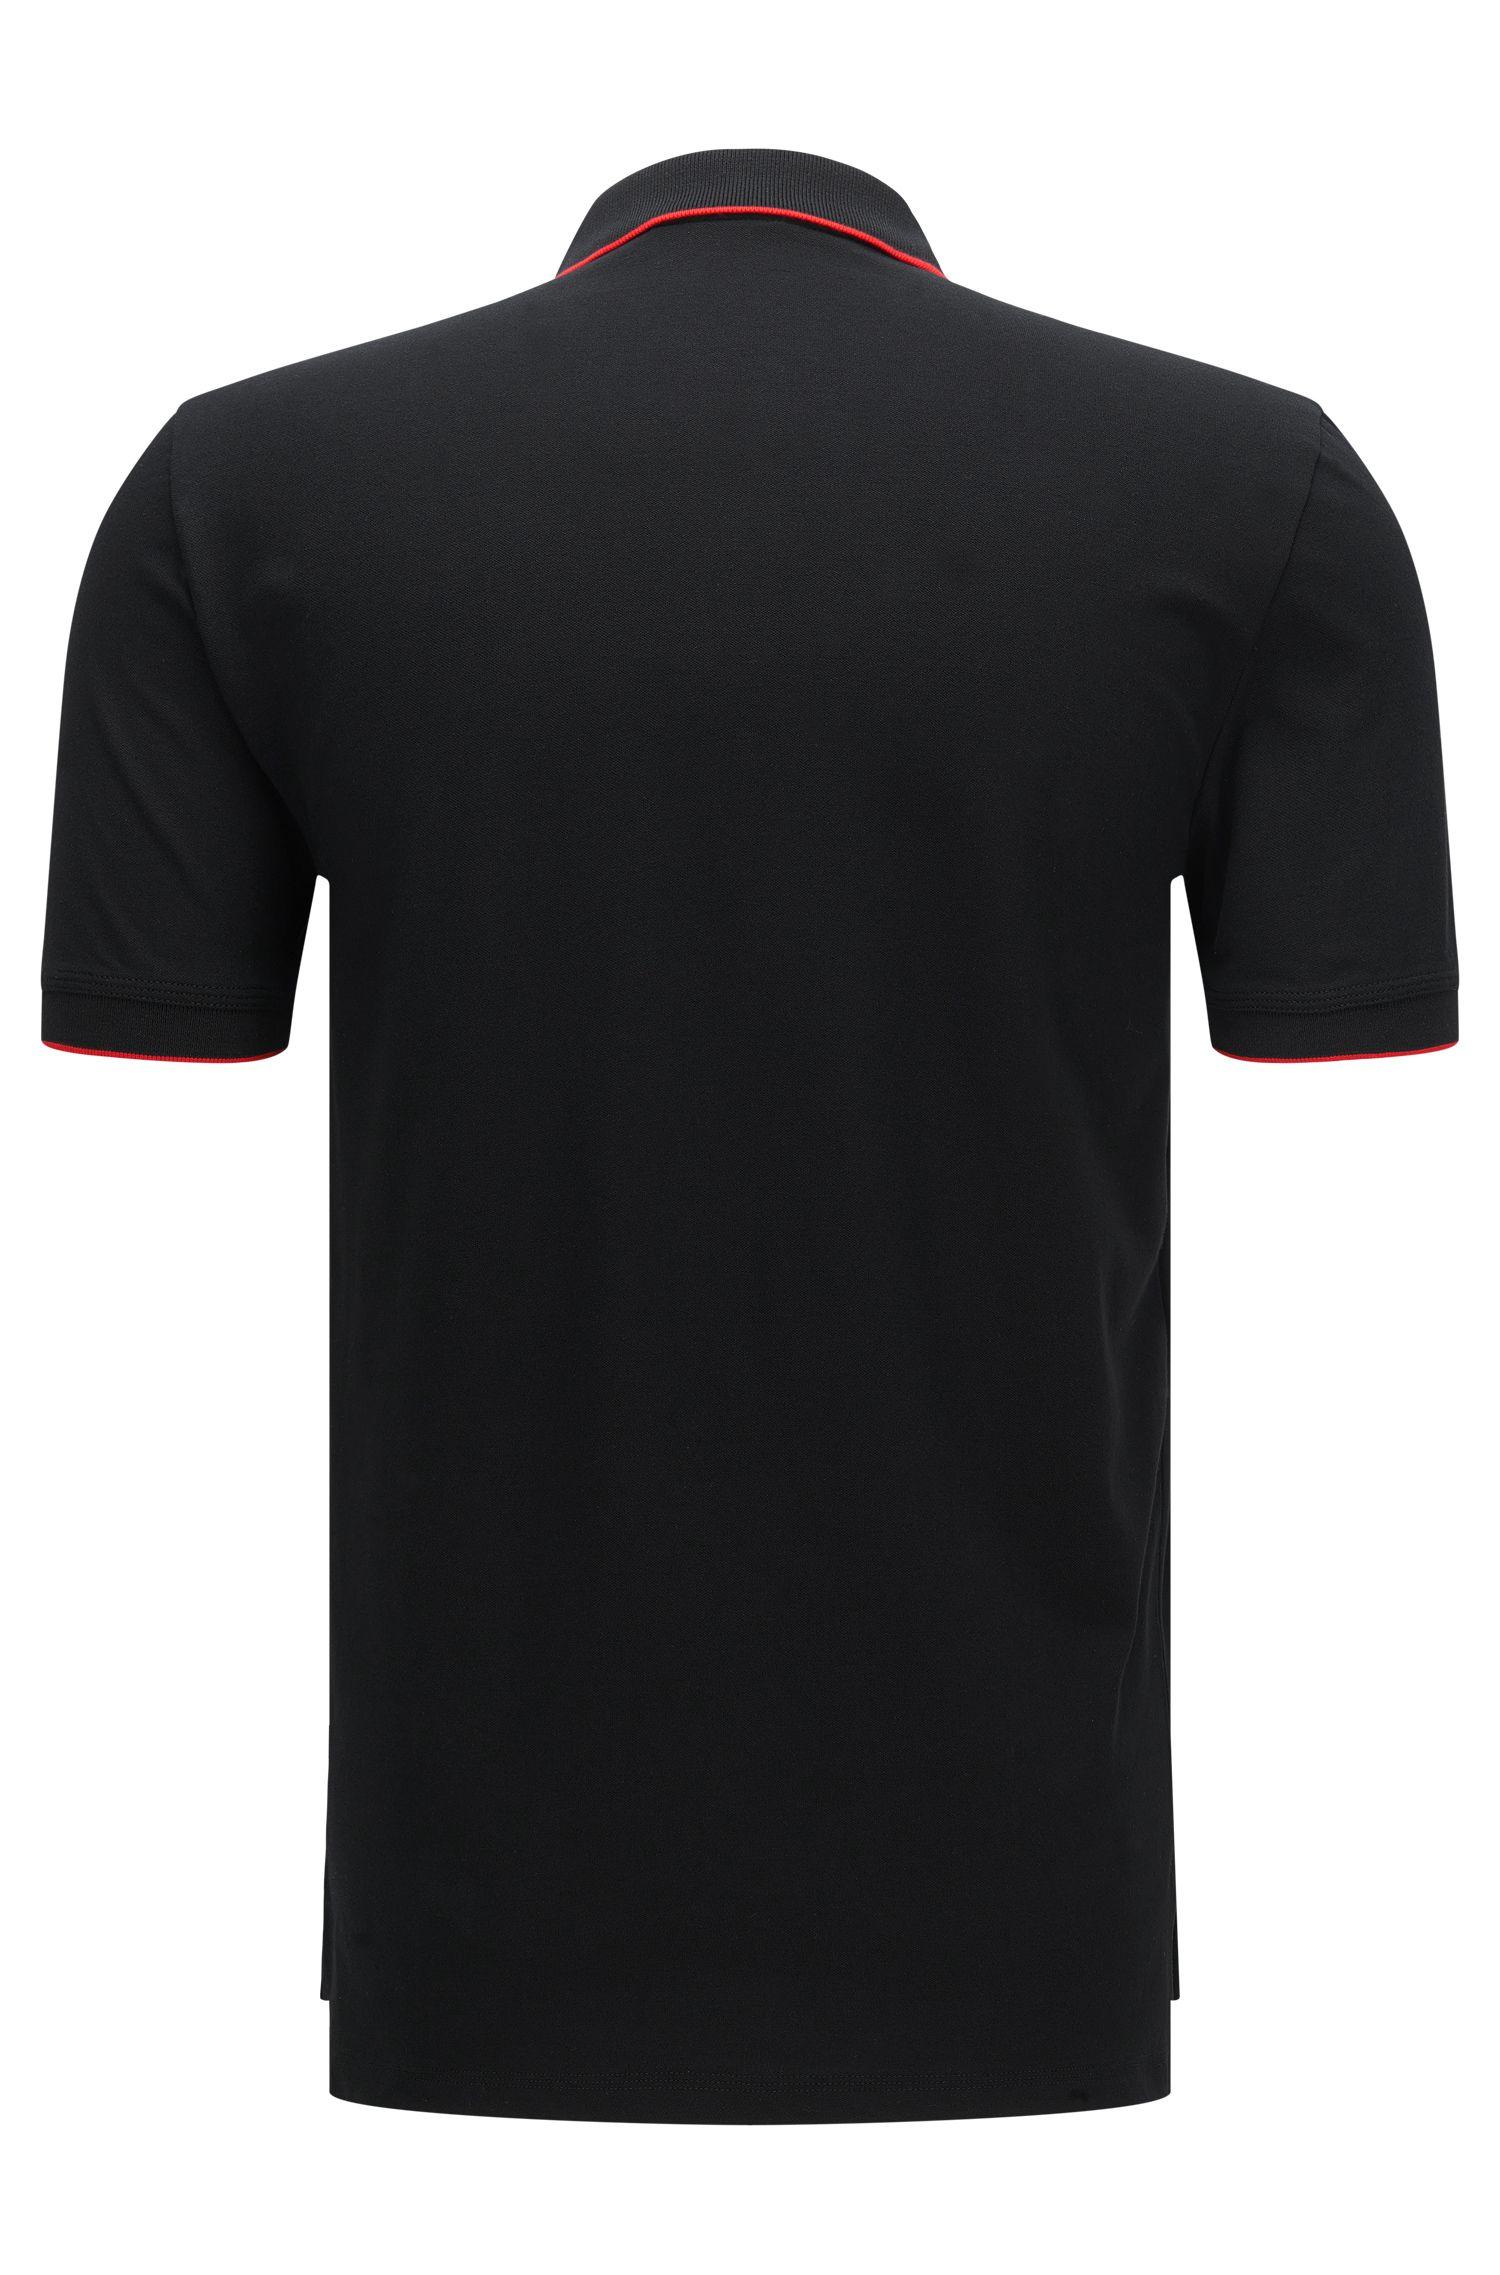 Slim-Fit Poloshirt aus Stretch-Baumwolle mit Kontrast-Streifen: 'Delorian', Schwarz